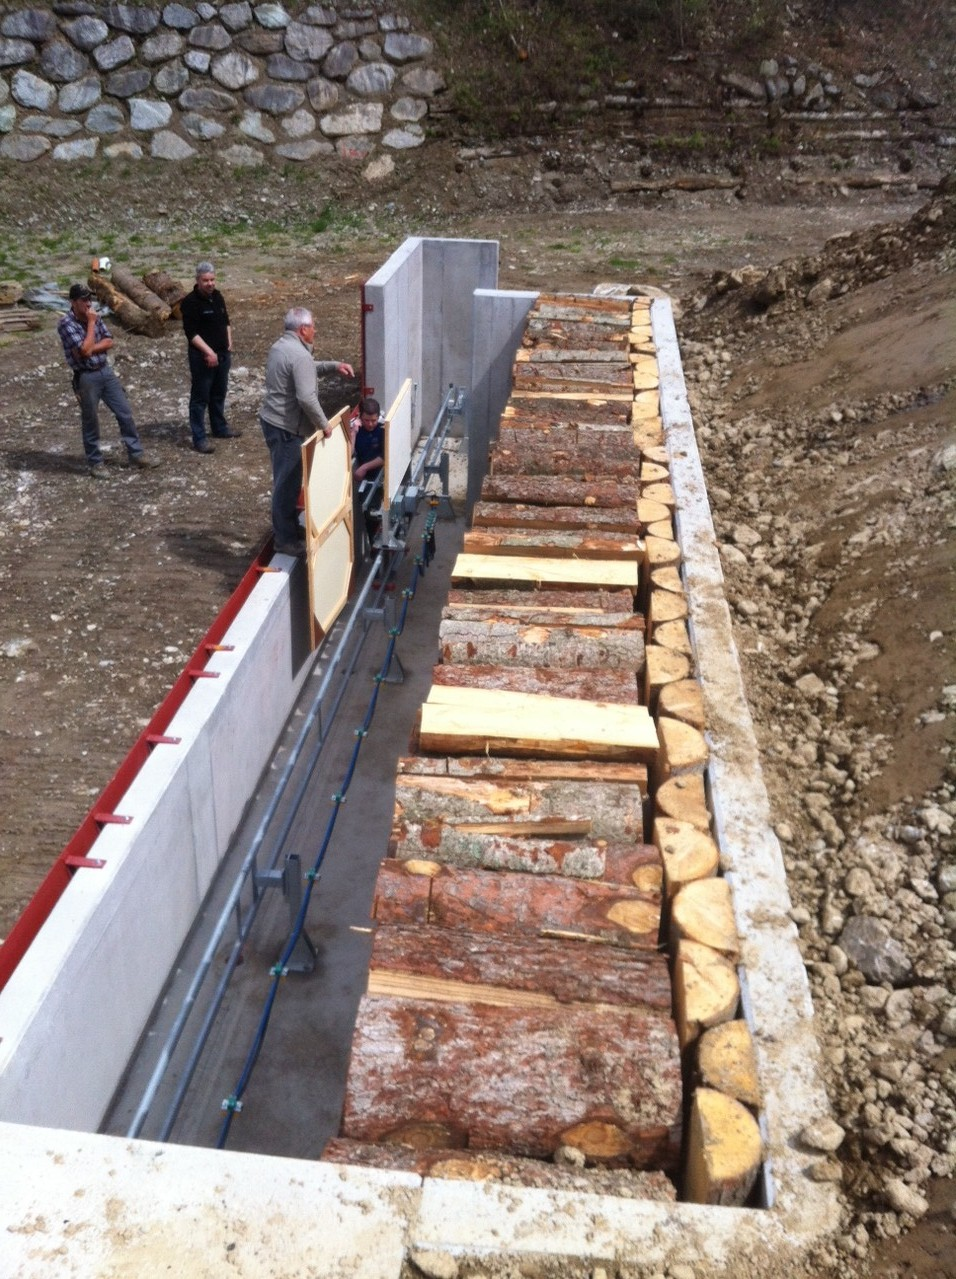 Damit dann wirklich kein Blei bis zum Beton vordringen kann, wurde vor die Rückwand eine Reihe Holz vertikal angestellt.